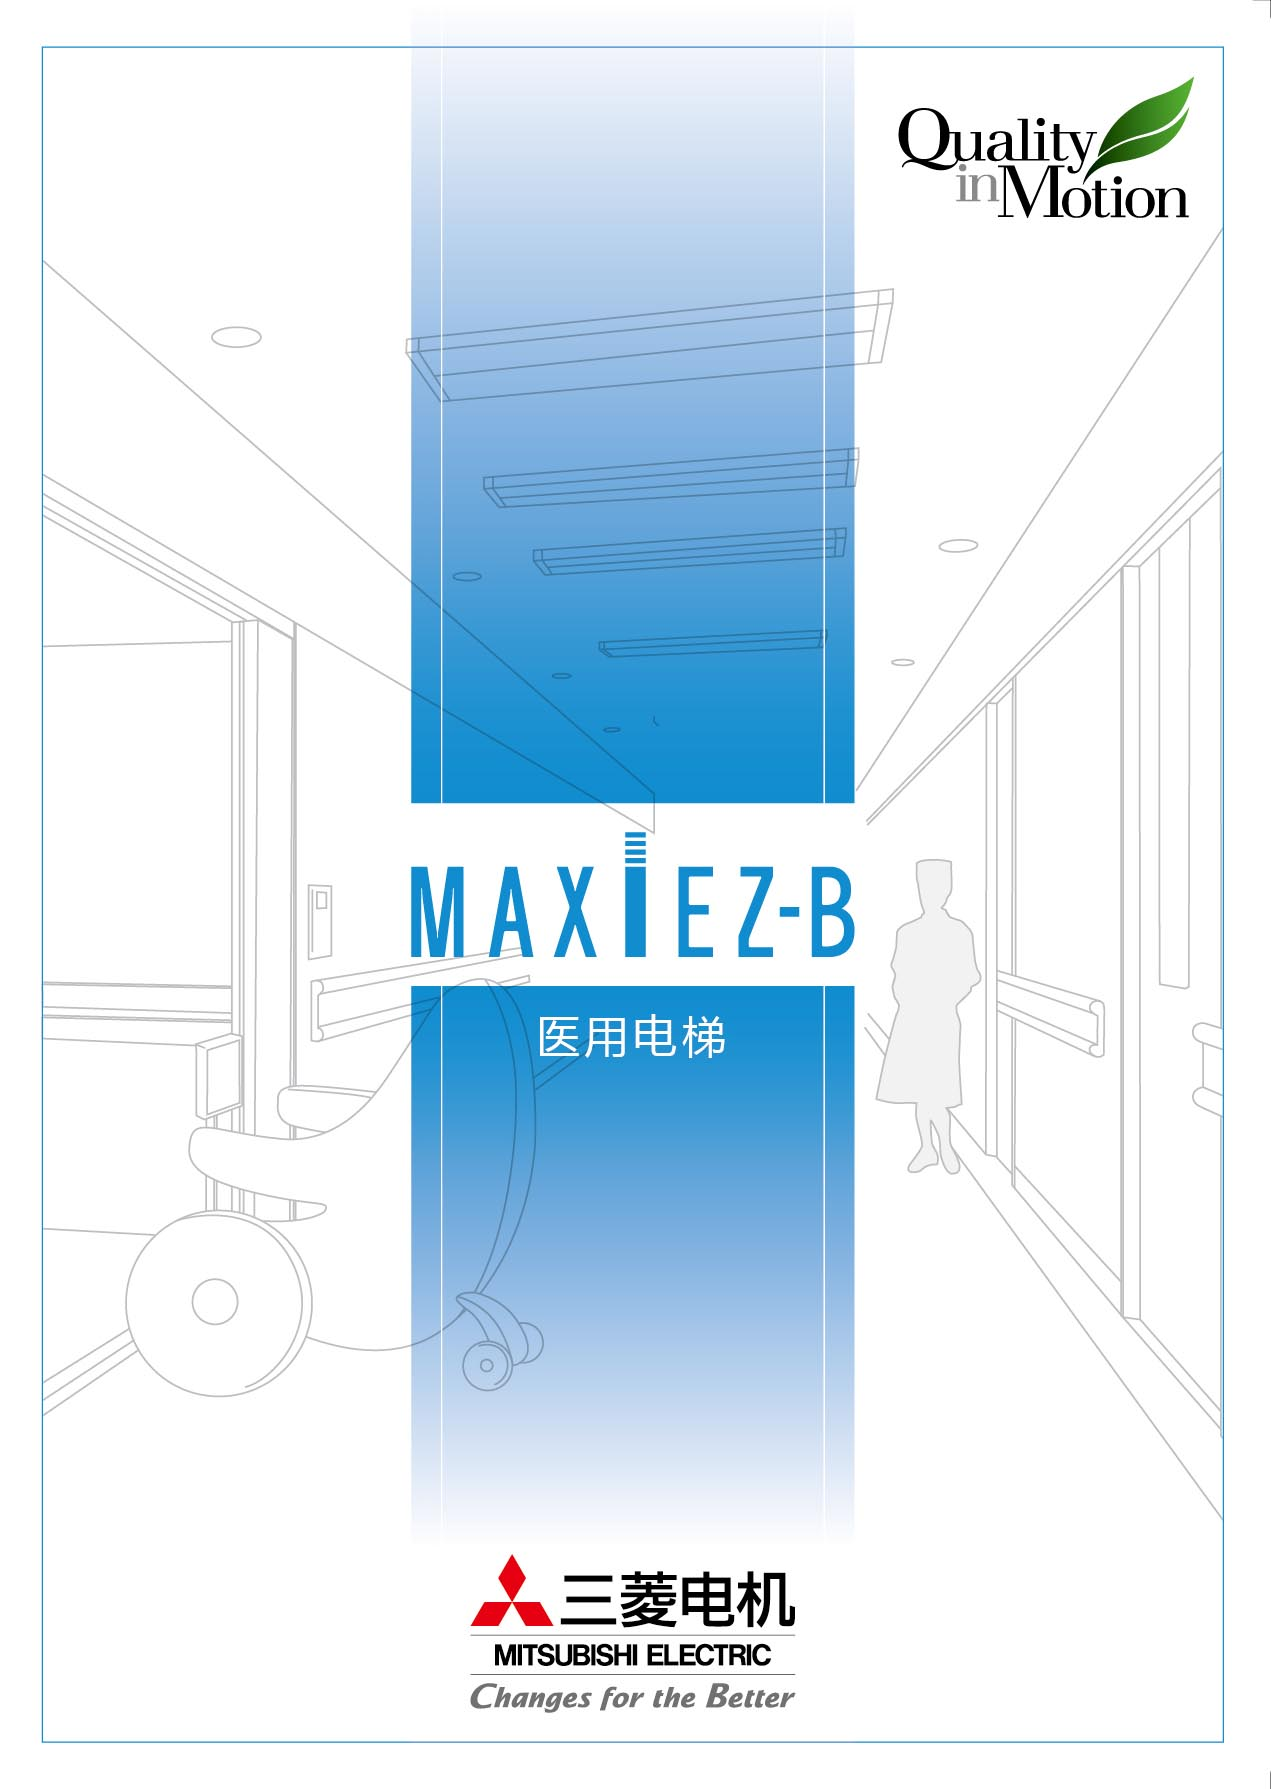 医用贝博安卓(MAXIEZ-B)